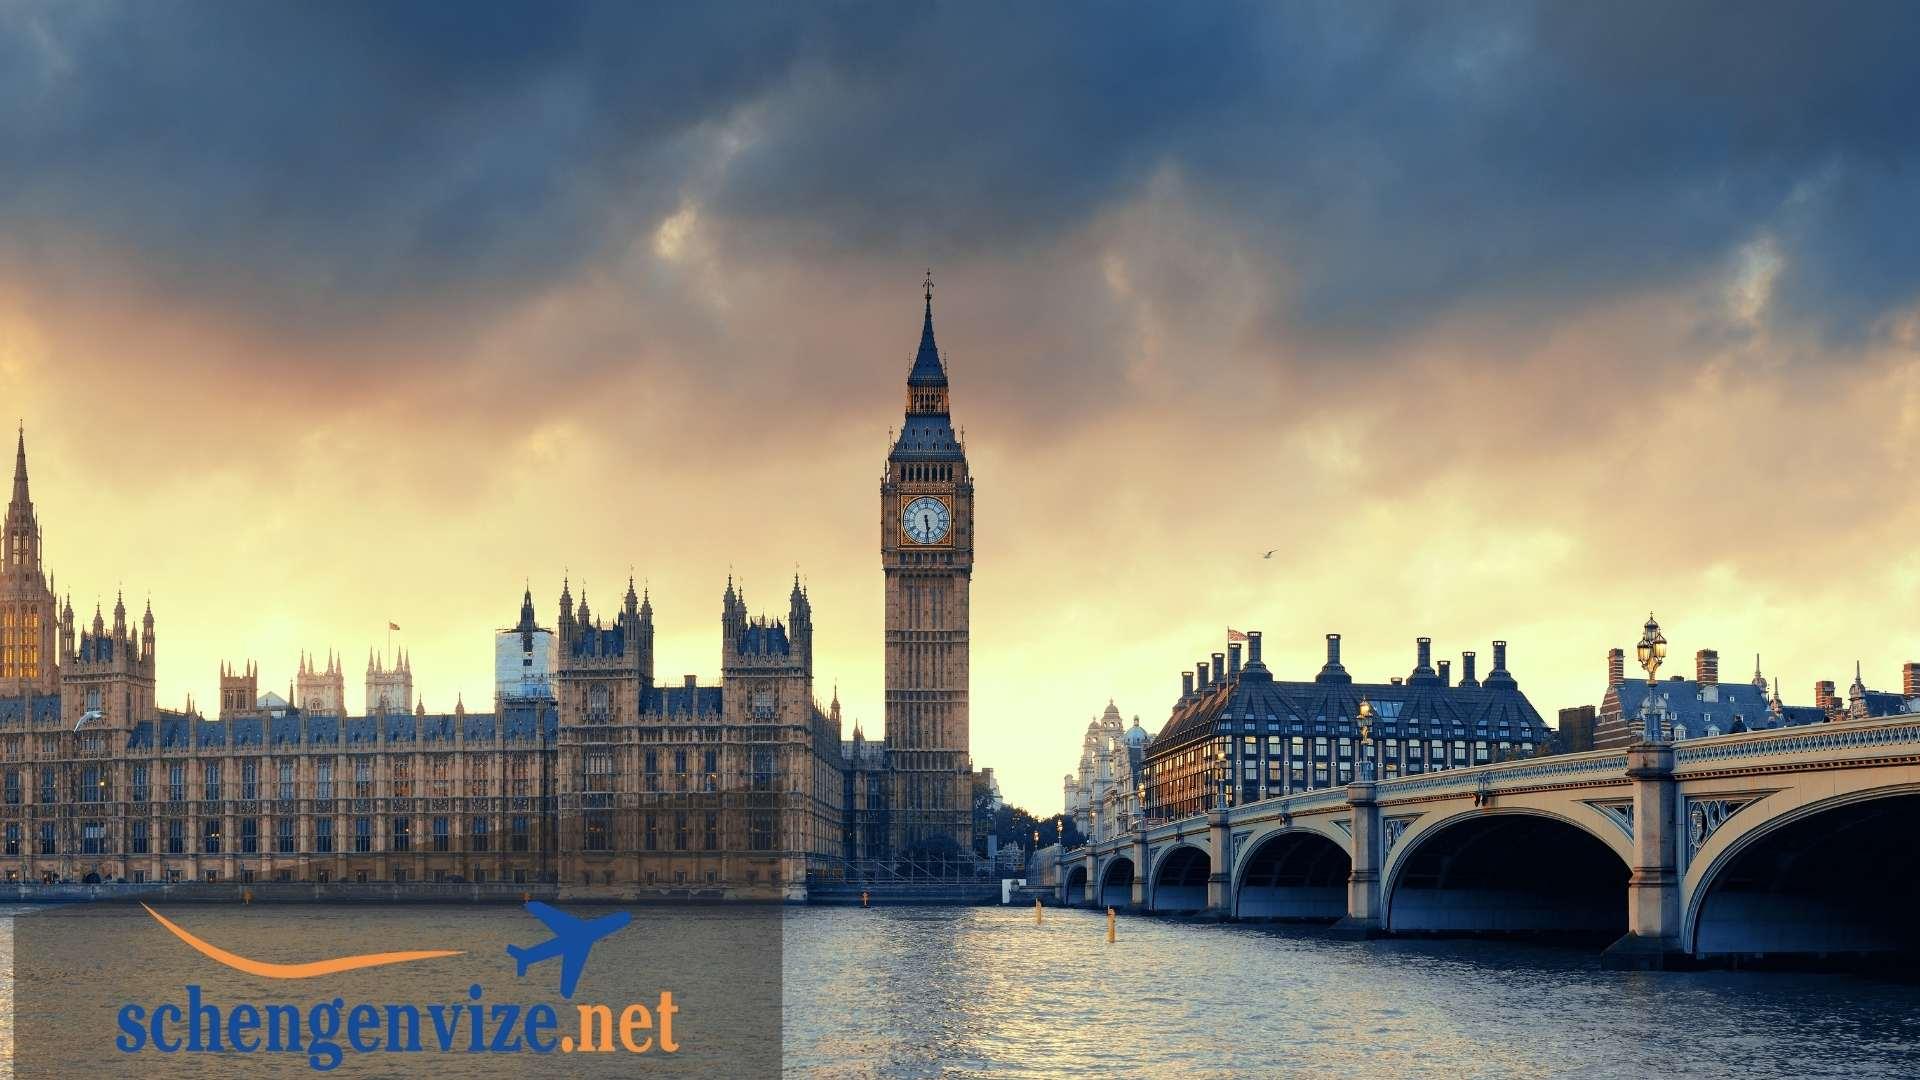 İngiltere Vize Başvuru Formu Nasıl Doldurulur?